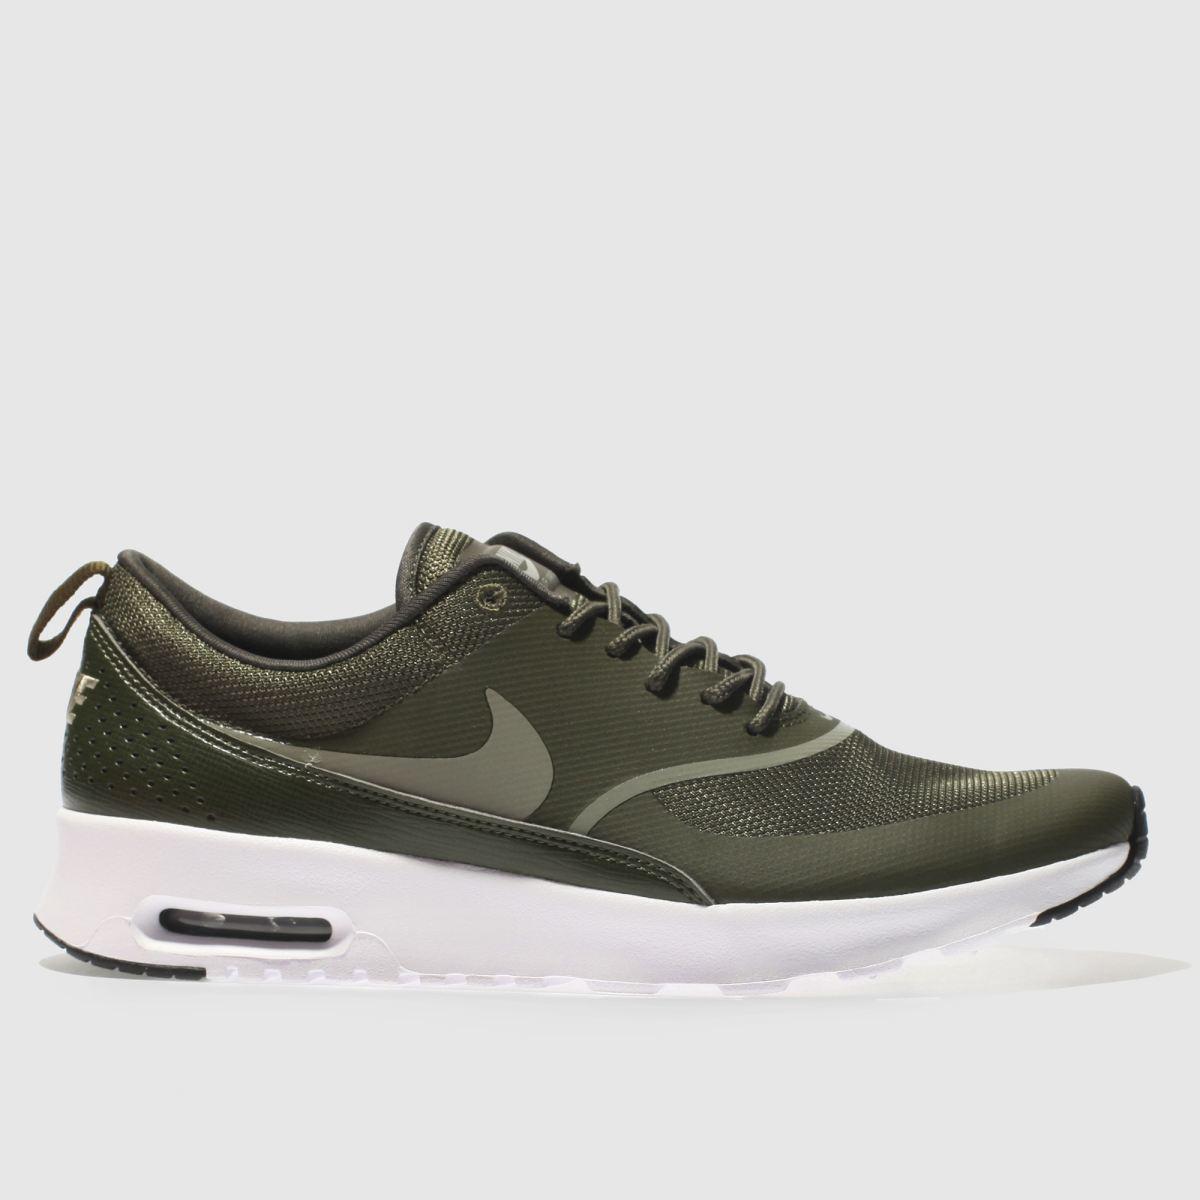 Nike Khaki Air Max Thea Trainers